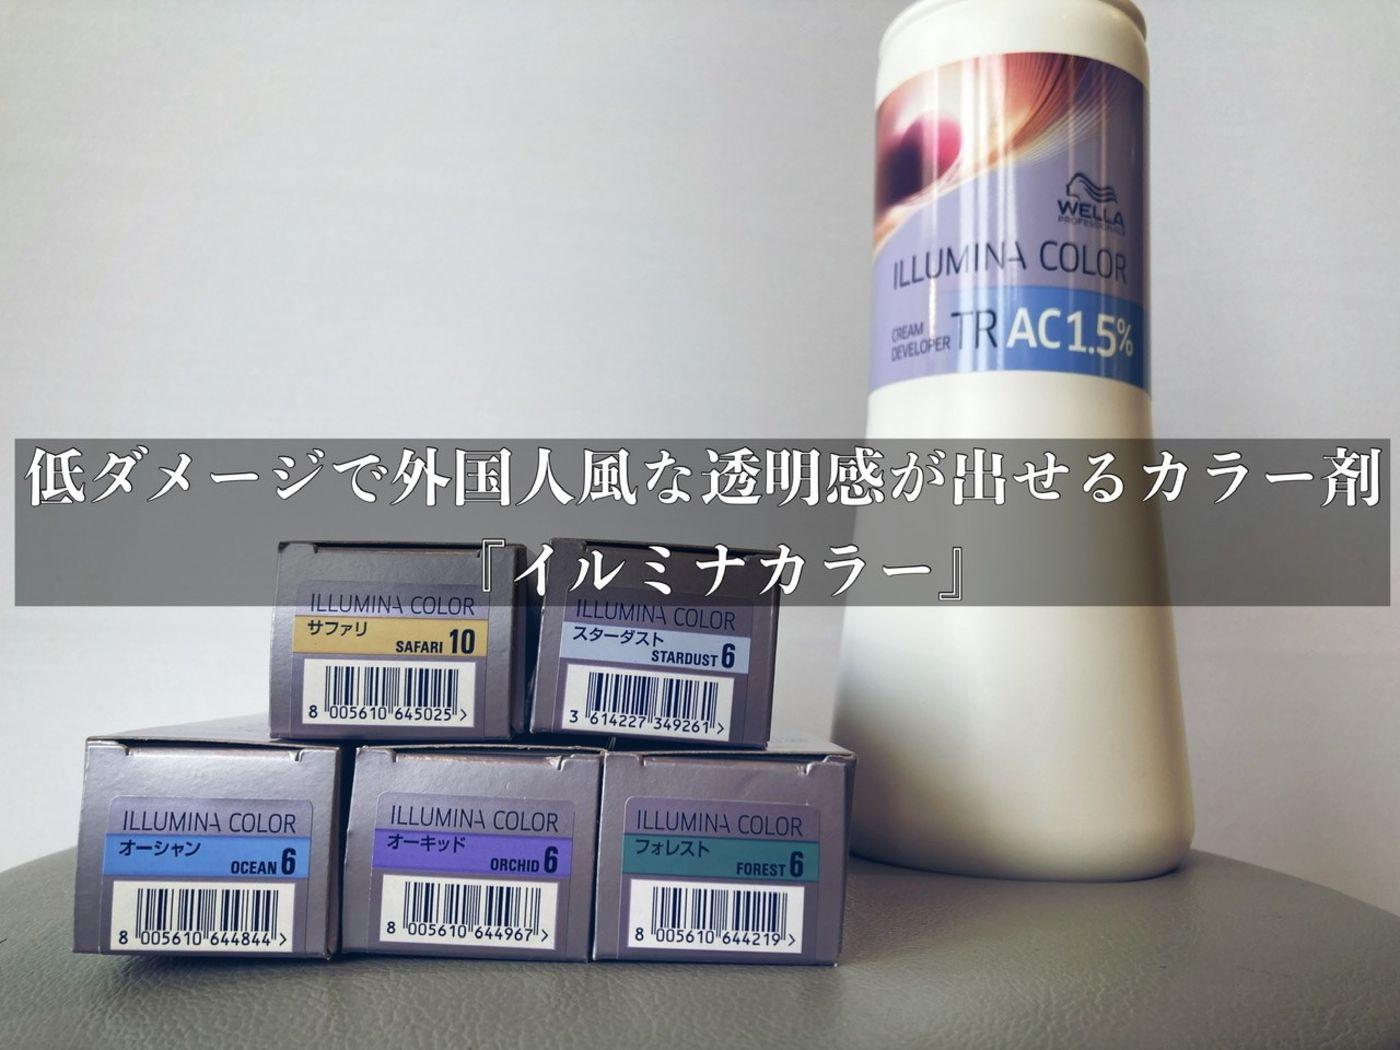 【薬剤のブランド※イルミナカラーとは?】